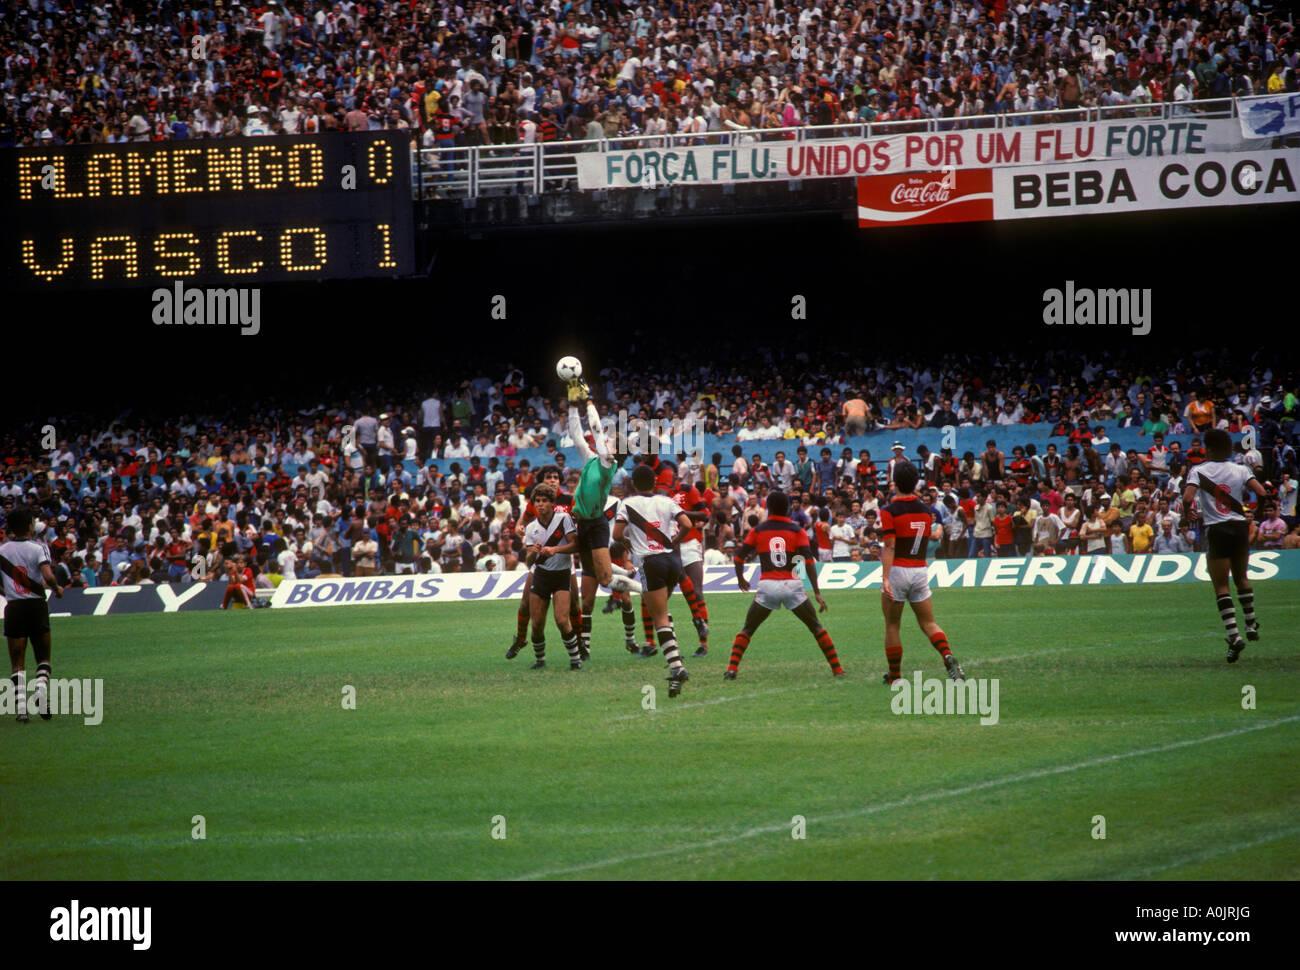 Juego de fútbol, fútbol, estadio Maracaná, el estadio Maracaná de Río de Janeiro, estado de Río de Janeiro, Brasil, América del Sur Foto de stock